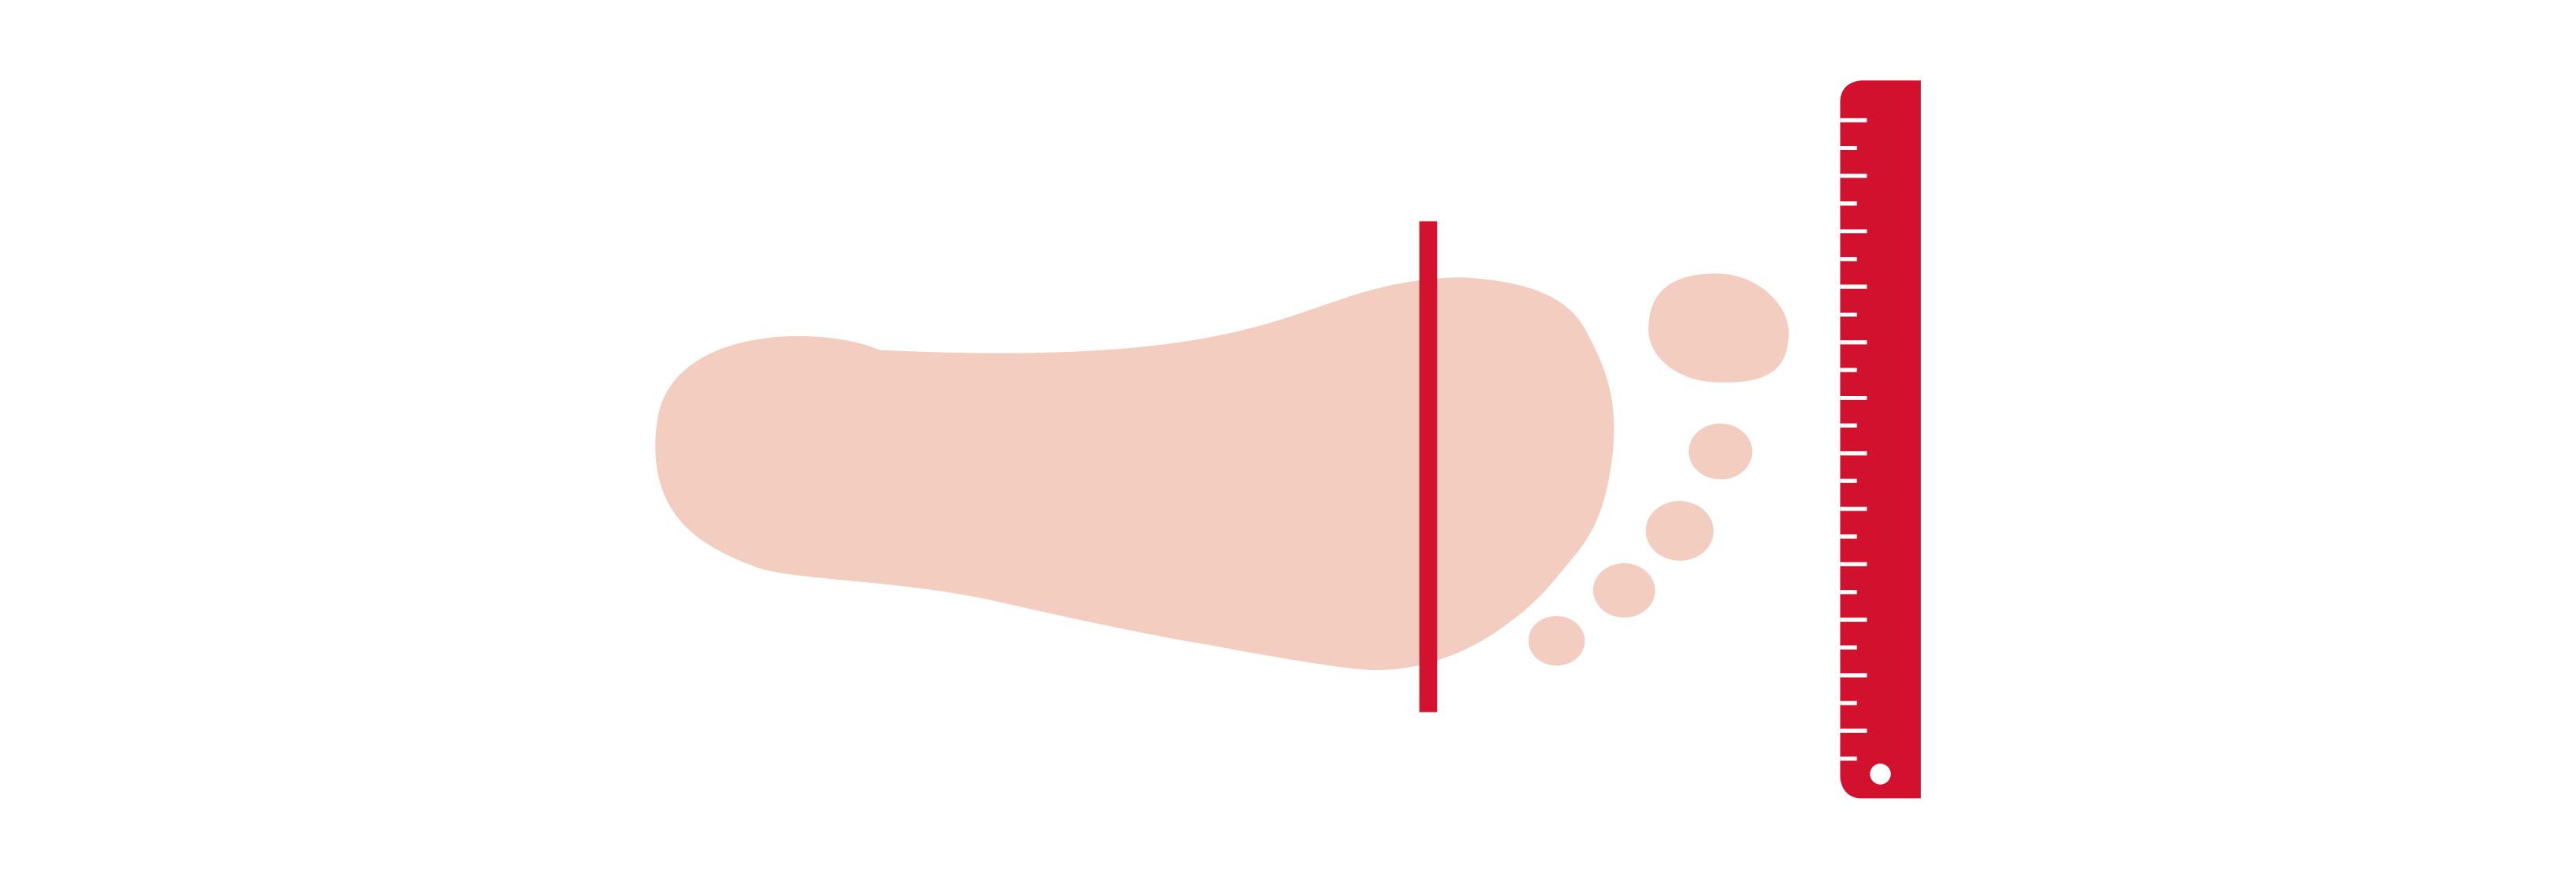 Schuhweite Die korrekte Schuhweite bestimmt den Bcl8O